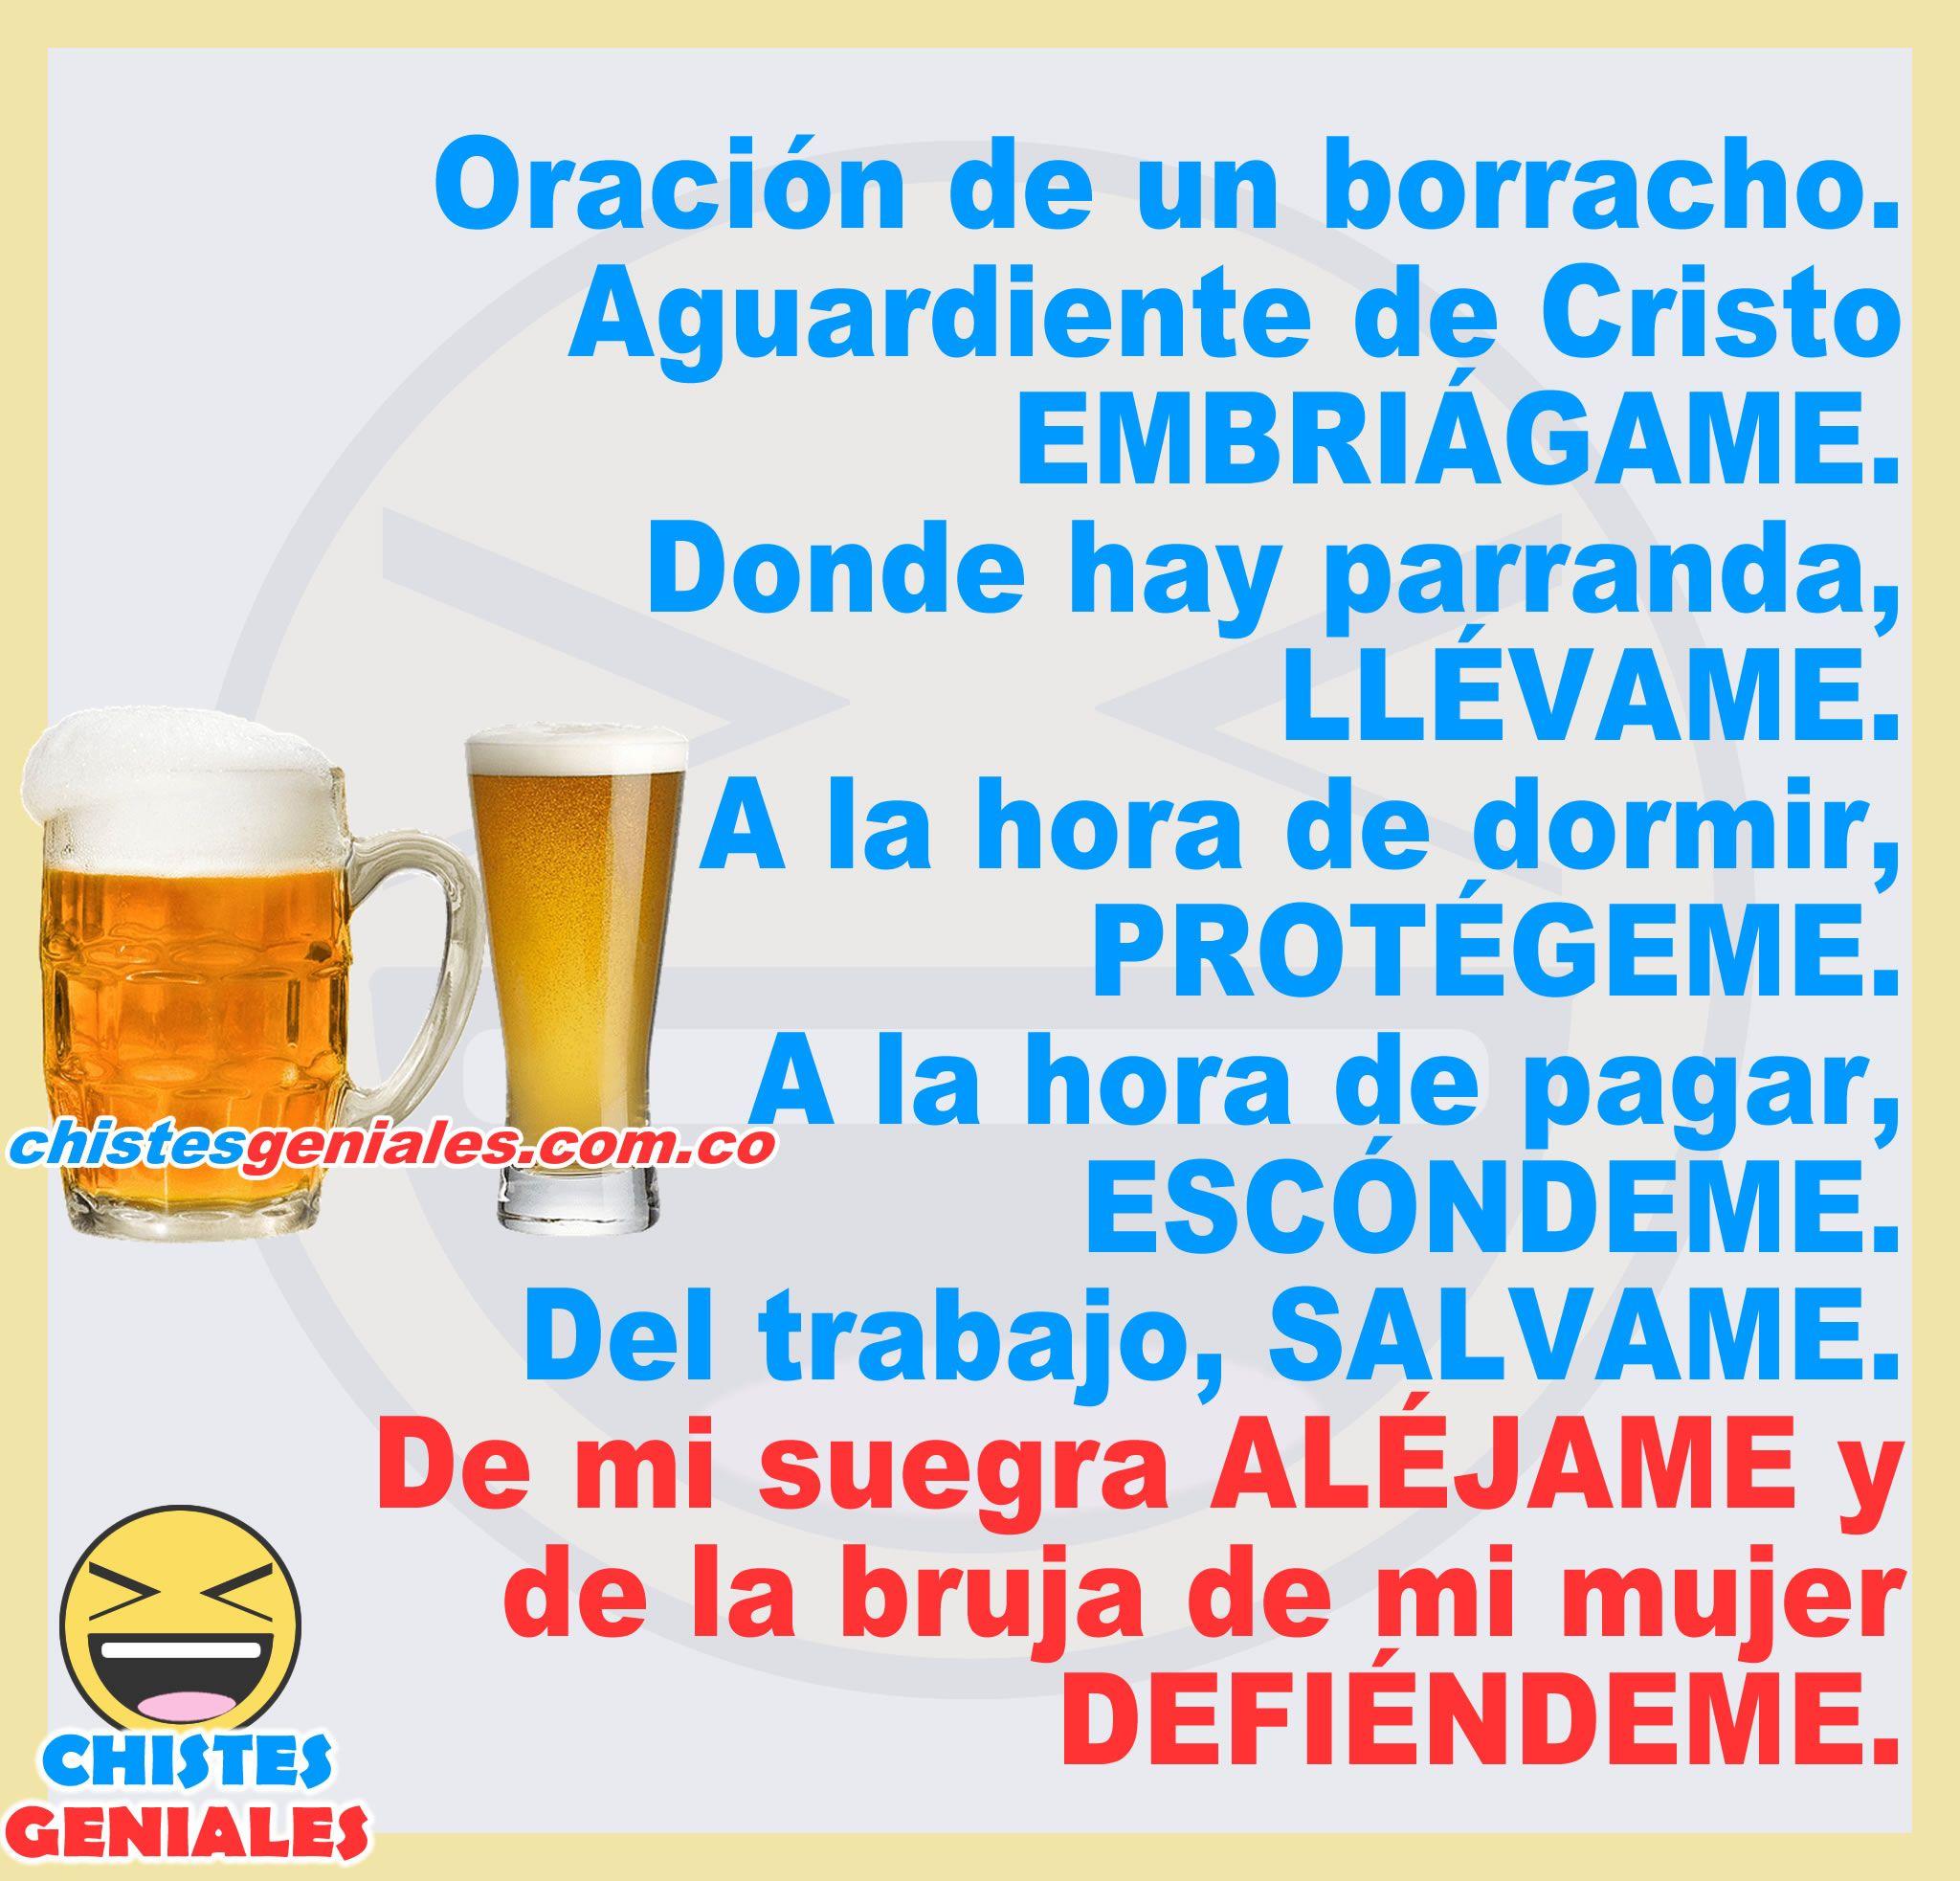 La Oracion De Un Borracho Beer Quotes Funny Funny Spanish Memes Beer Memes